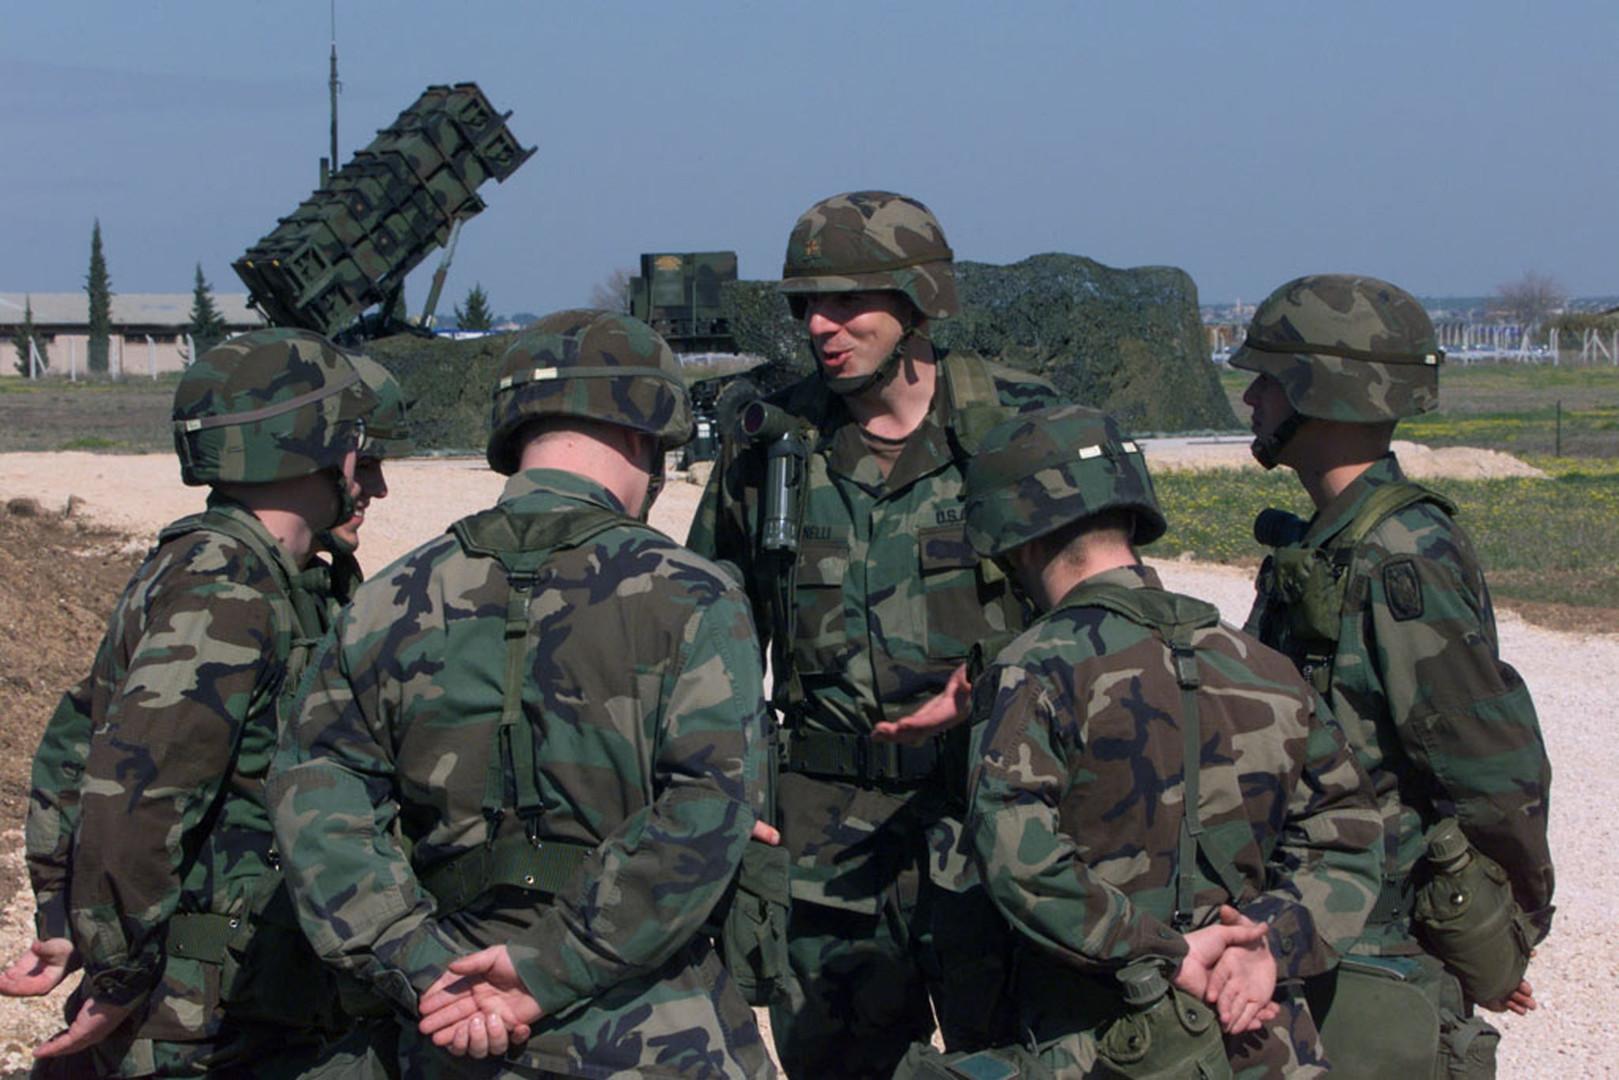 جنود أمريكيون في قاعدة إنجرليك